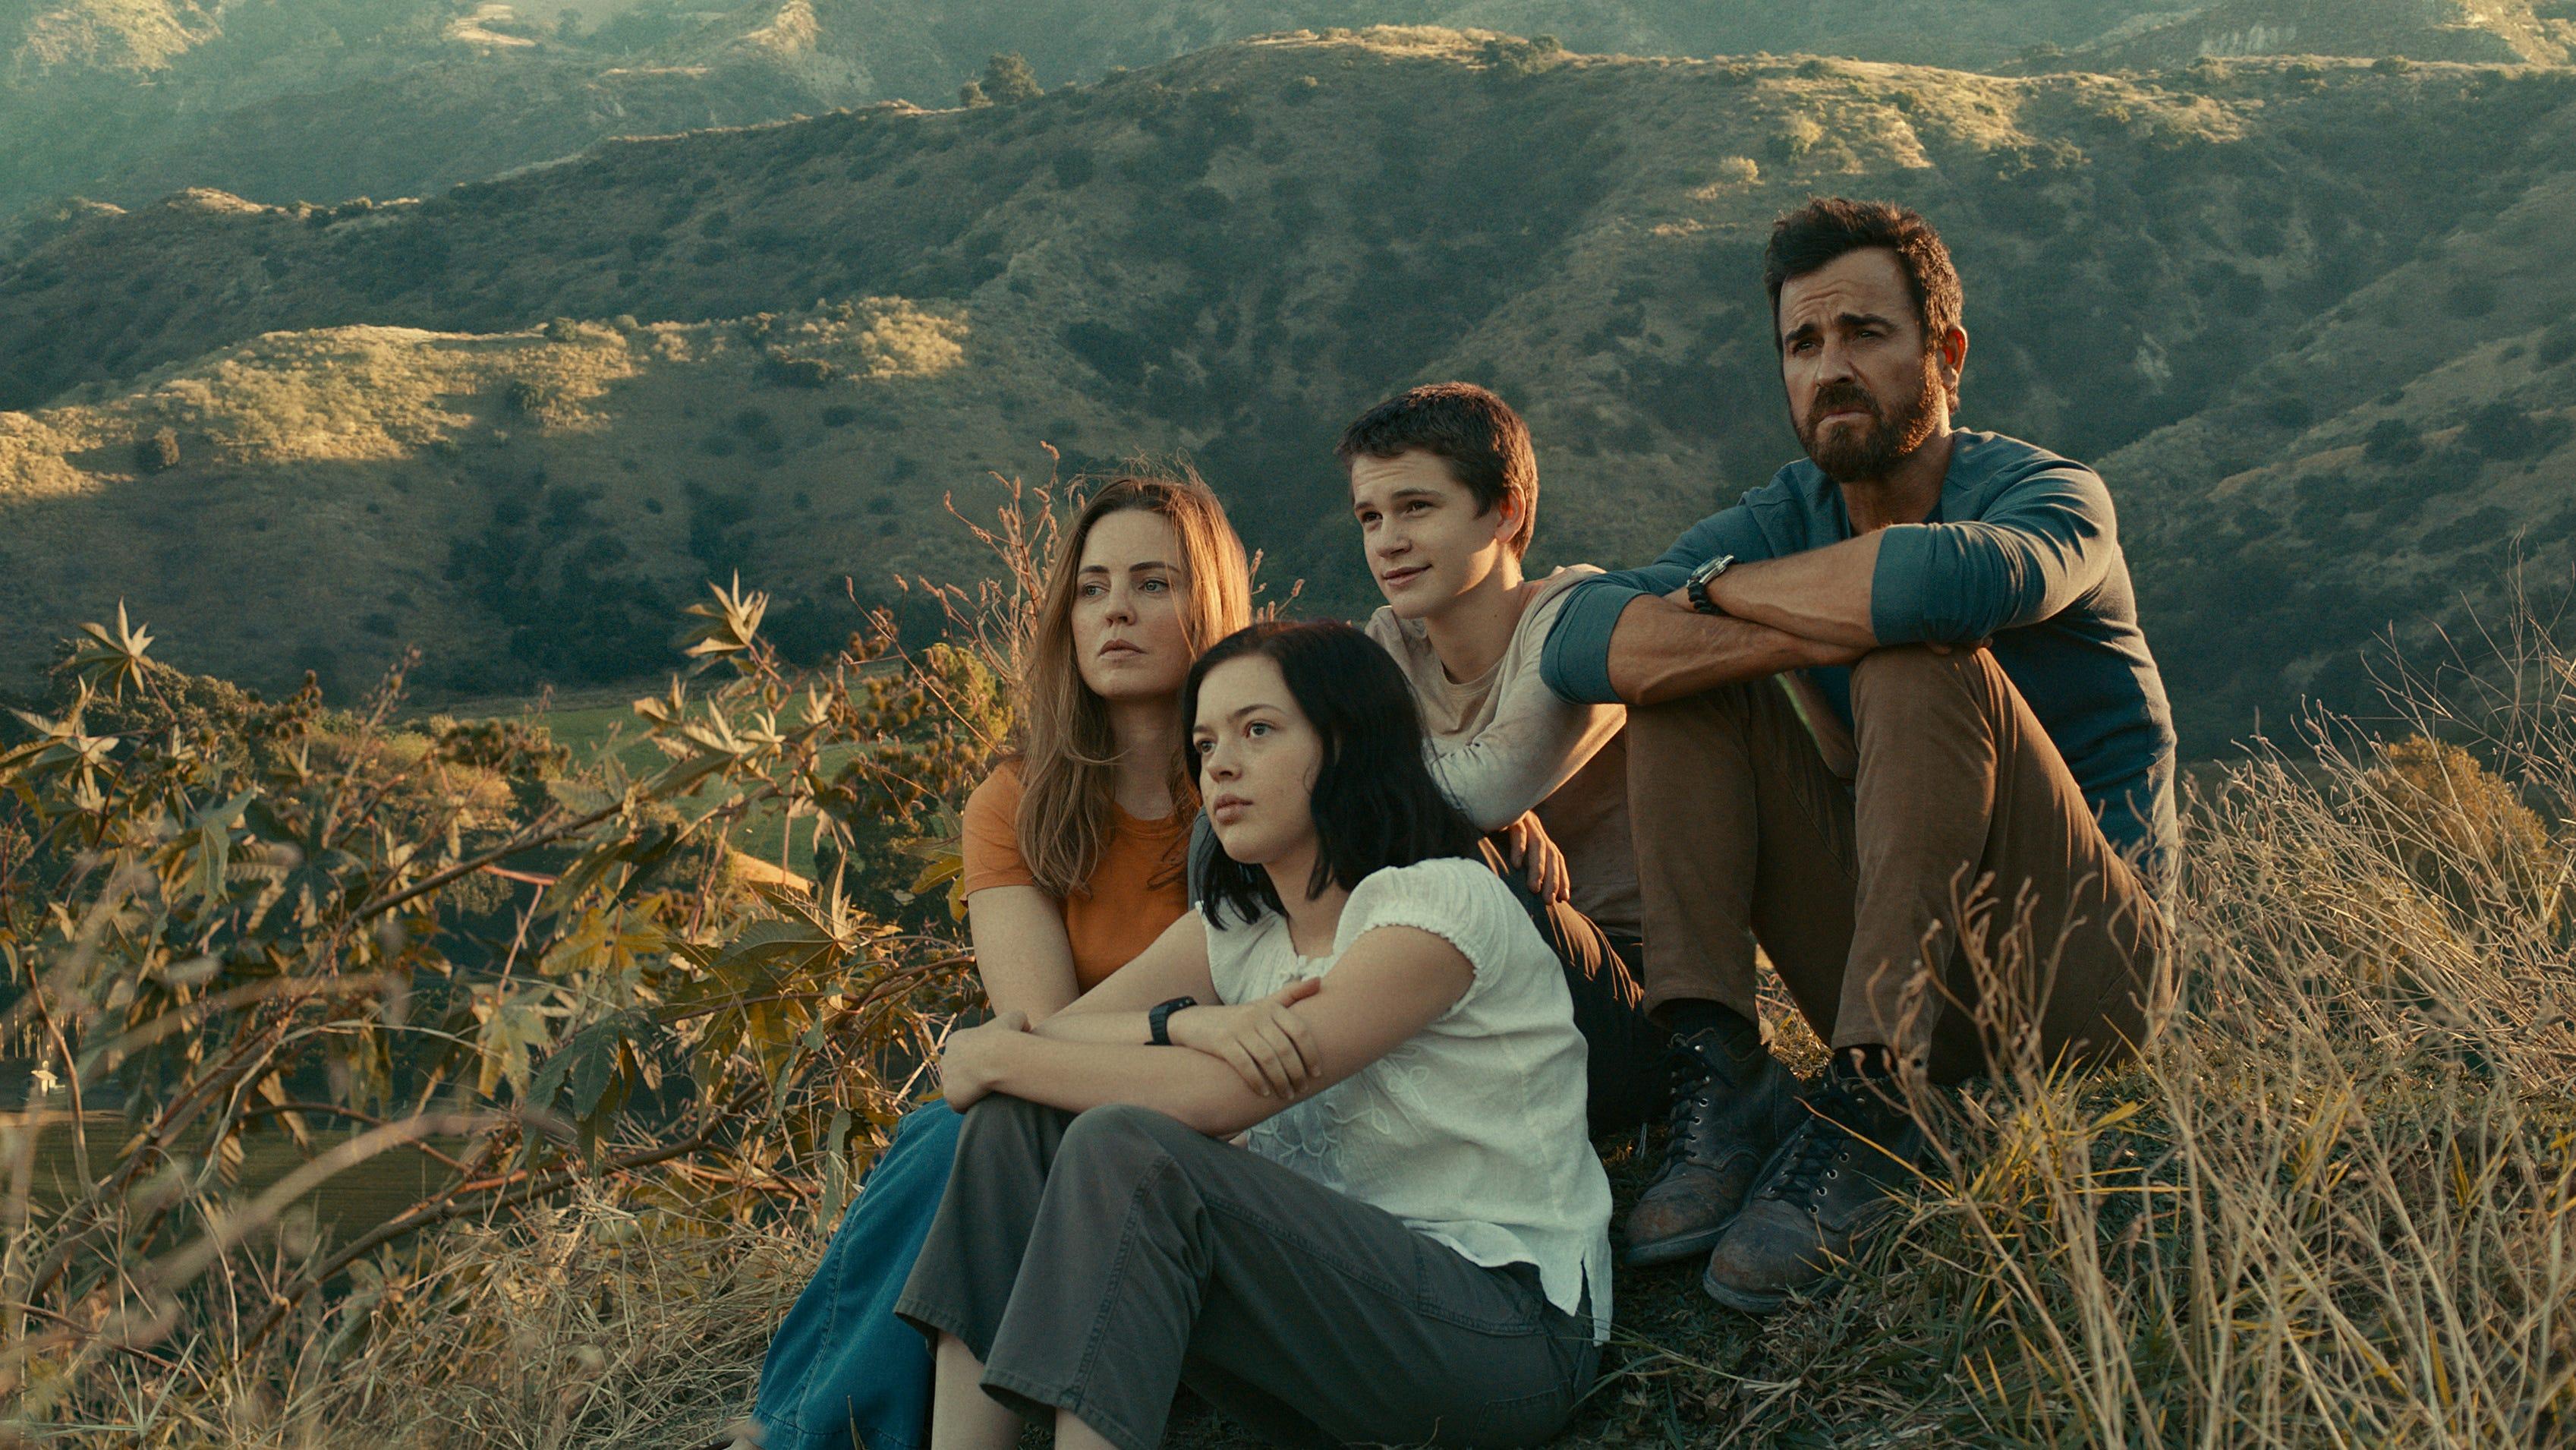 Episodio 1. Justin Theroux, Melissa George, Logan Polish y Gabriel Batman protagonizan